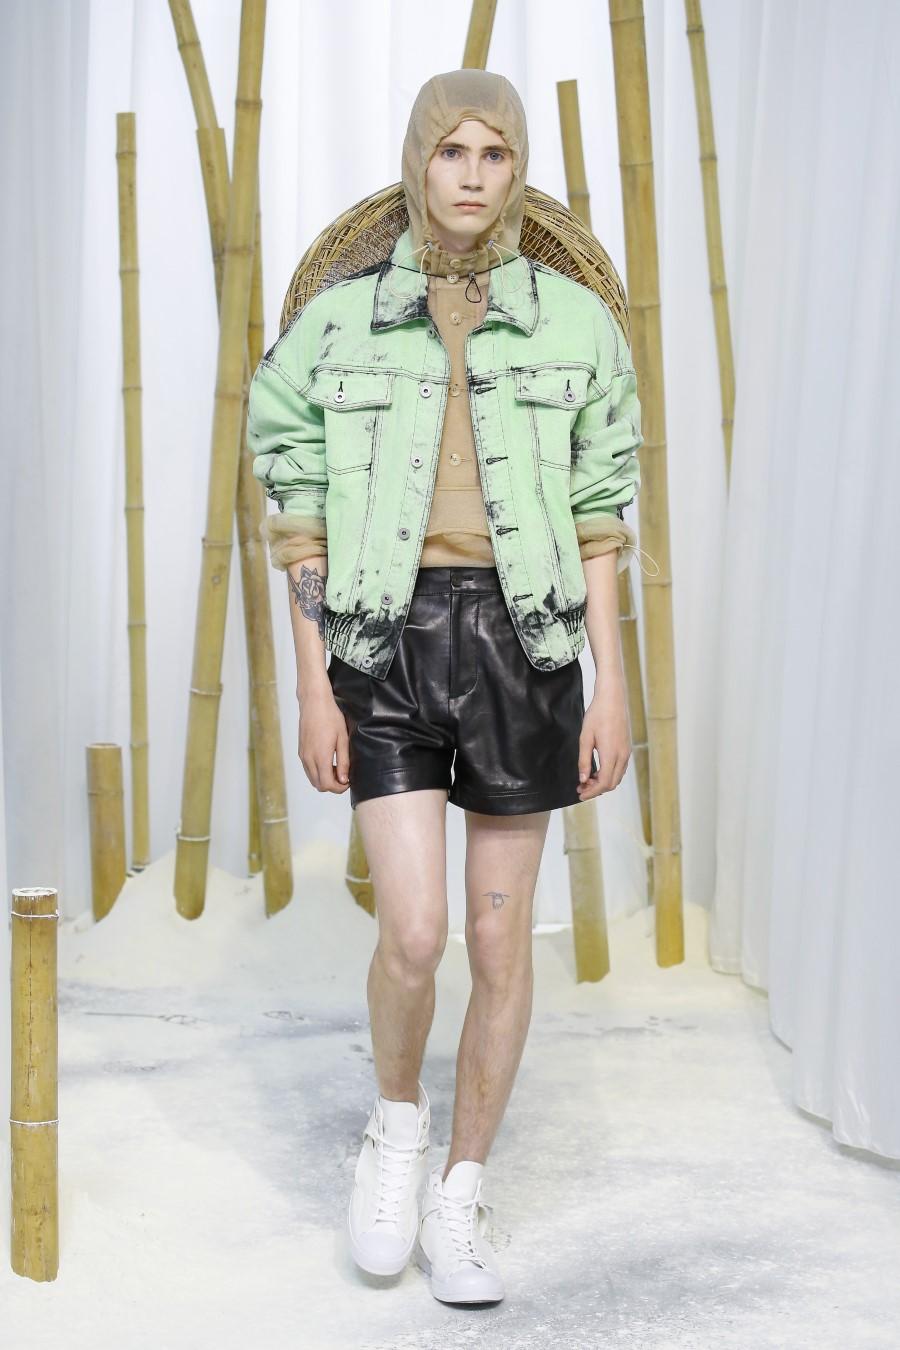 Feng Chen Wang Printemps Été 2020 - London Fashion Week Men's